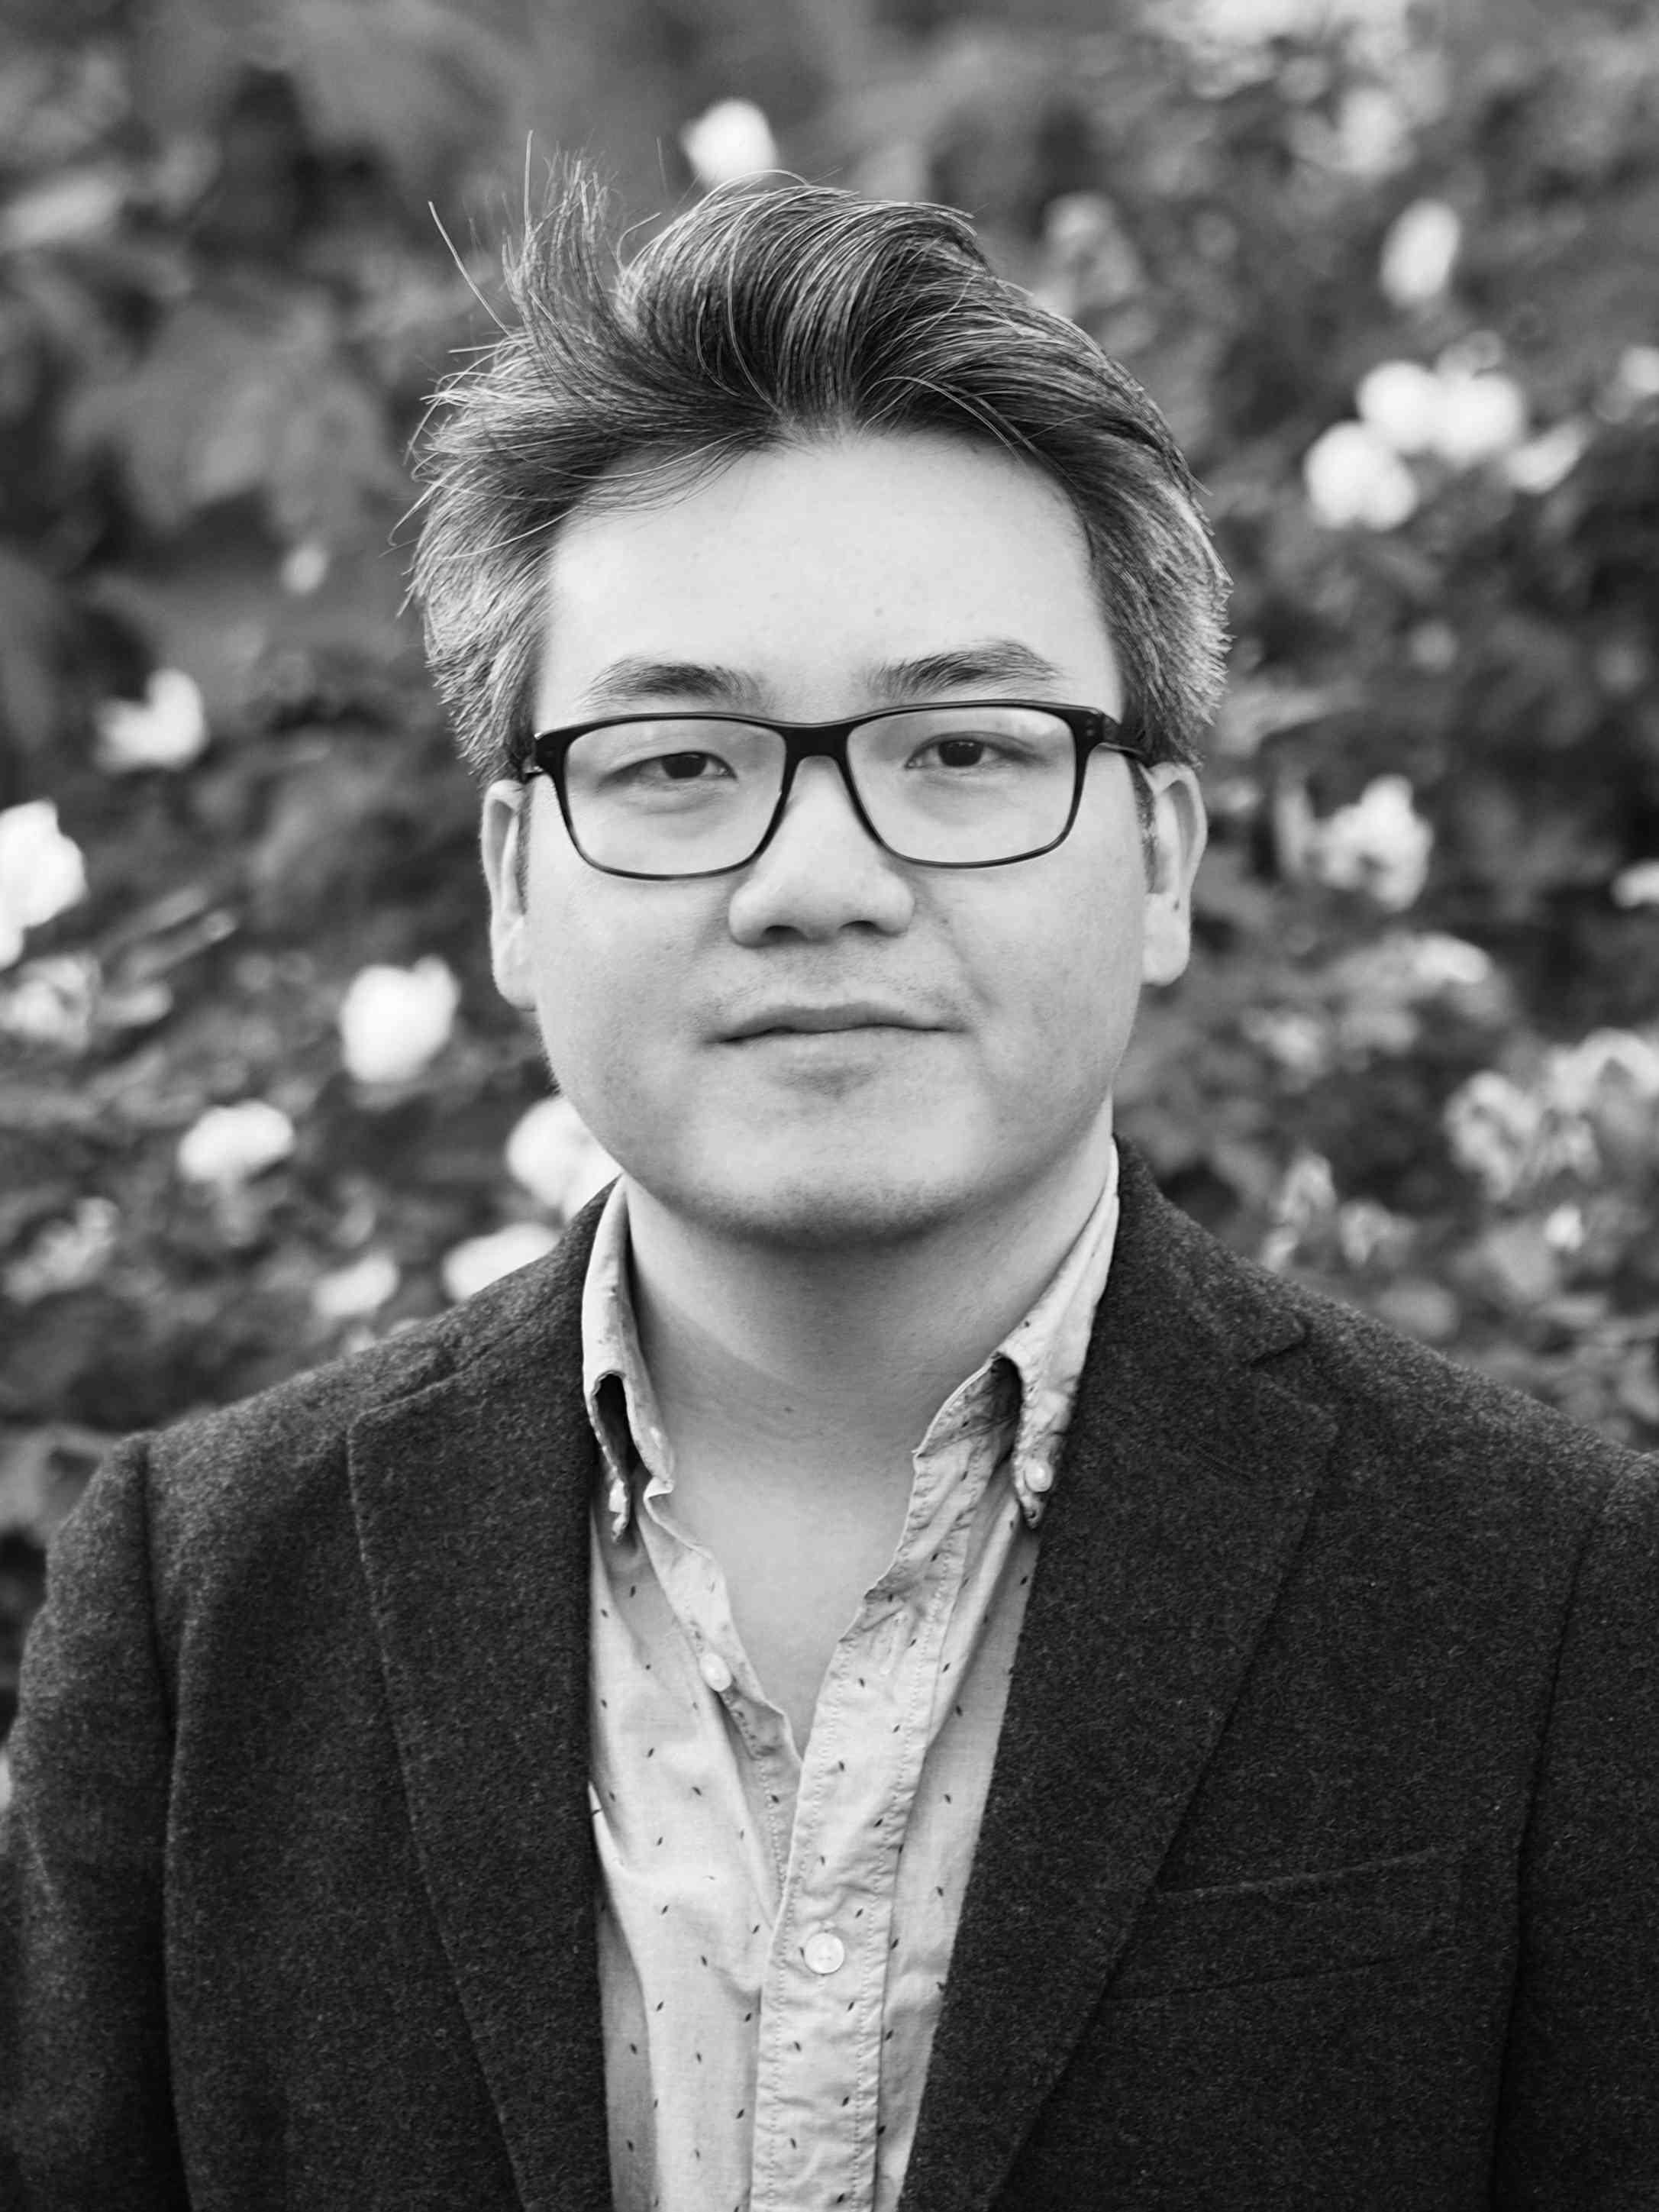 Alex Zeng